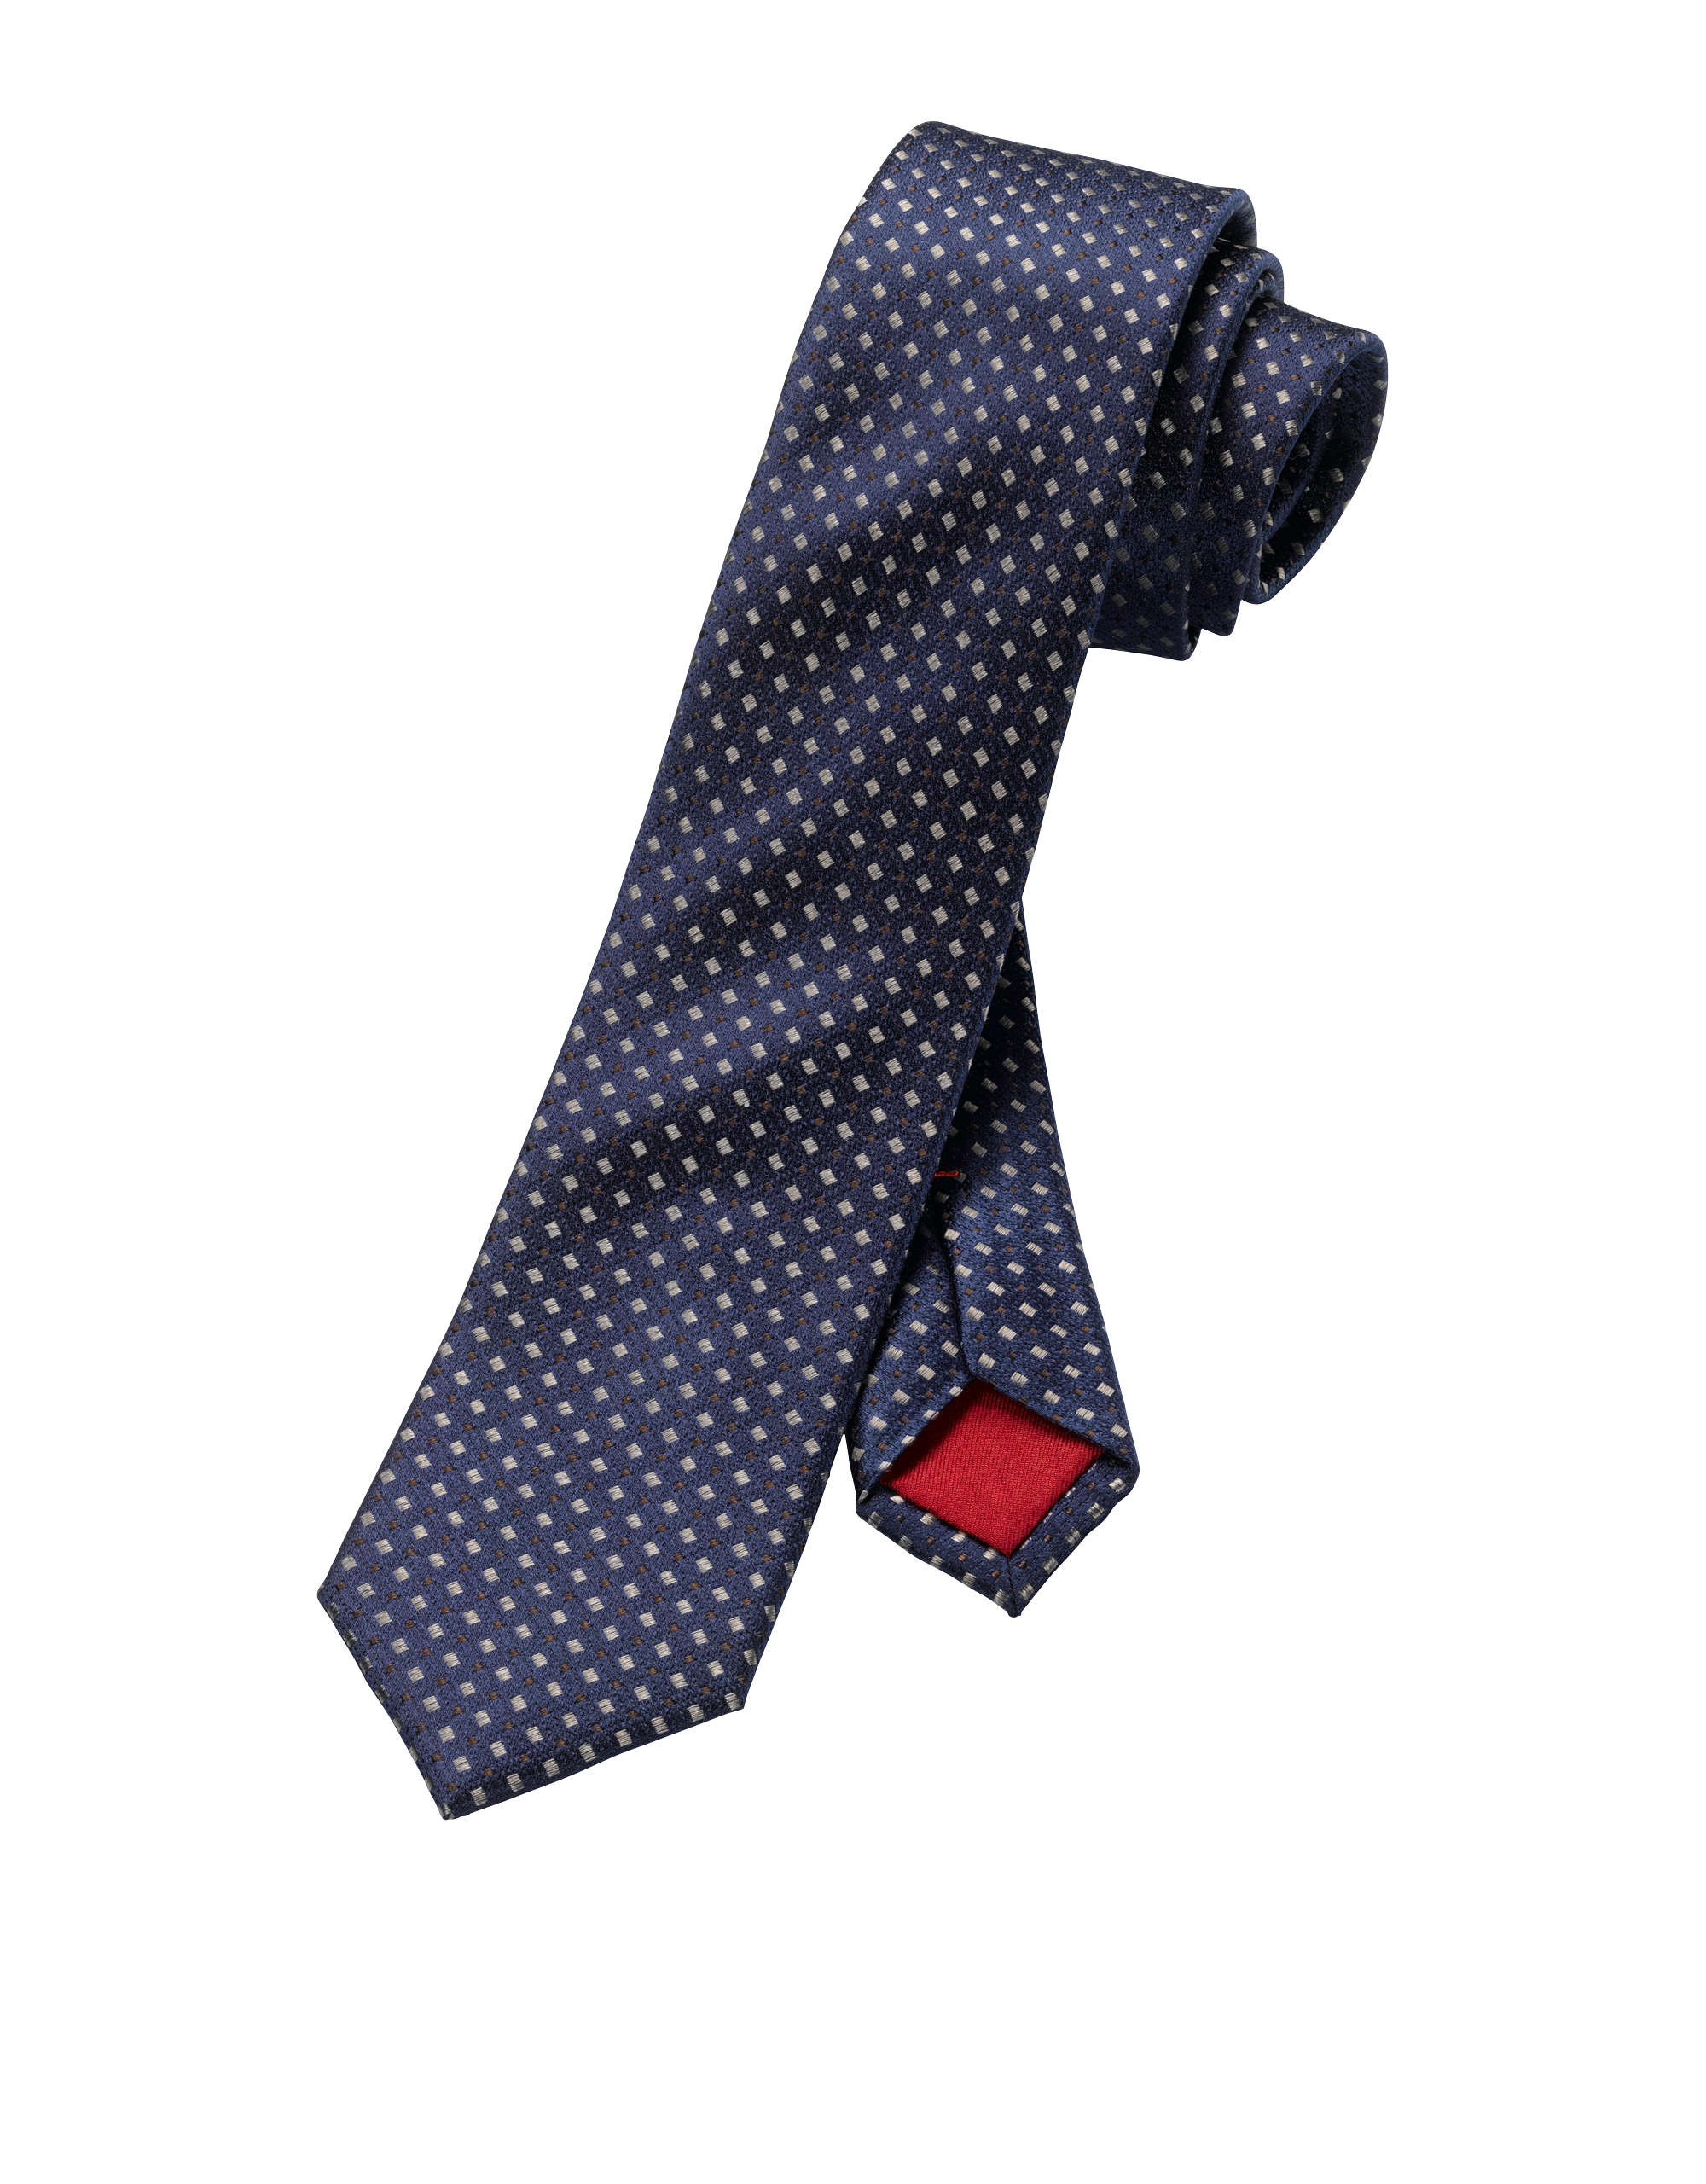 OLYMP Krawatte, Braun,   Accessoires > Krawatten > Sonstige Krawatten   Braun   100% seide   OLYMP Krawatte